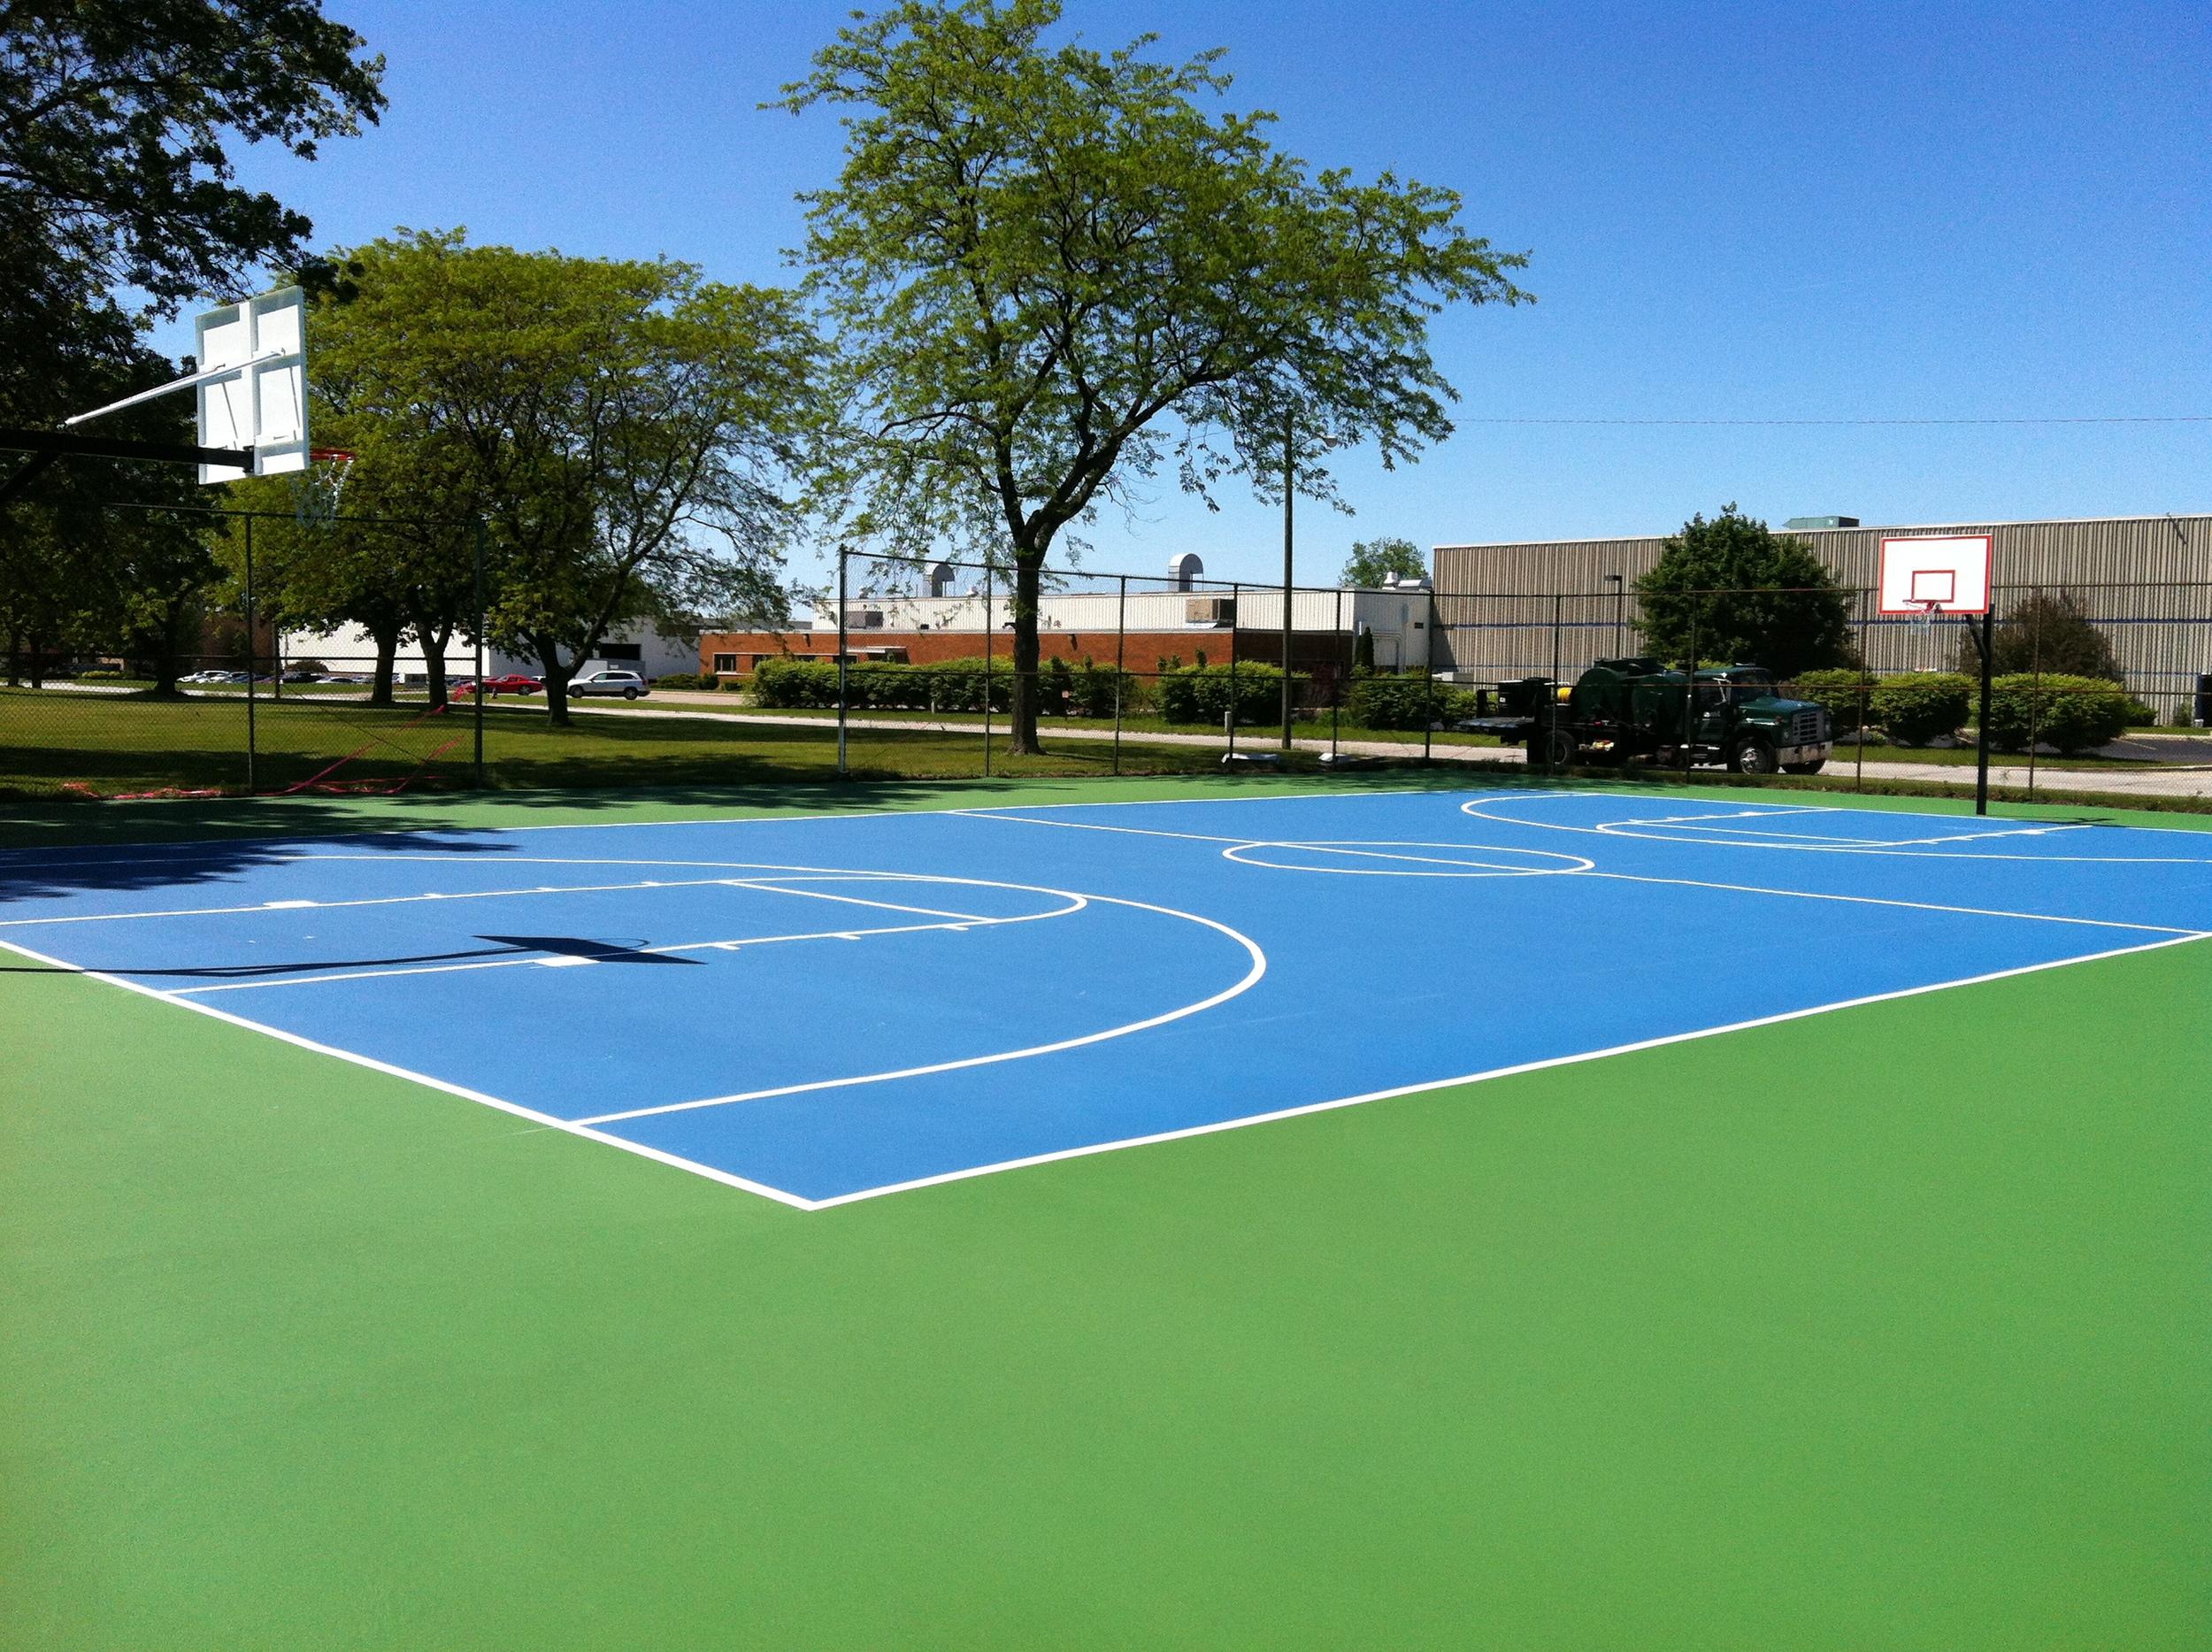 Voorde Park Basketball Court